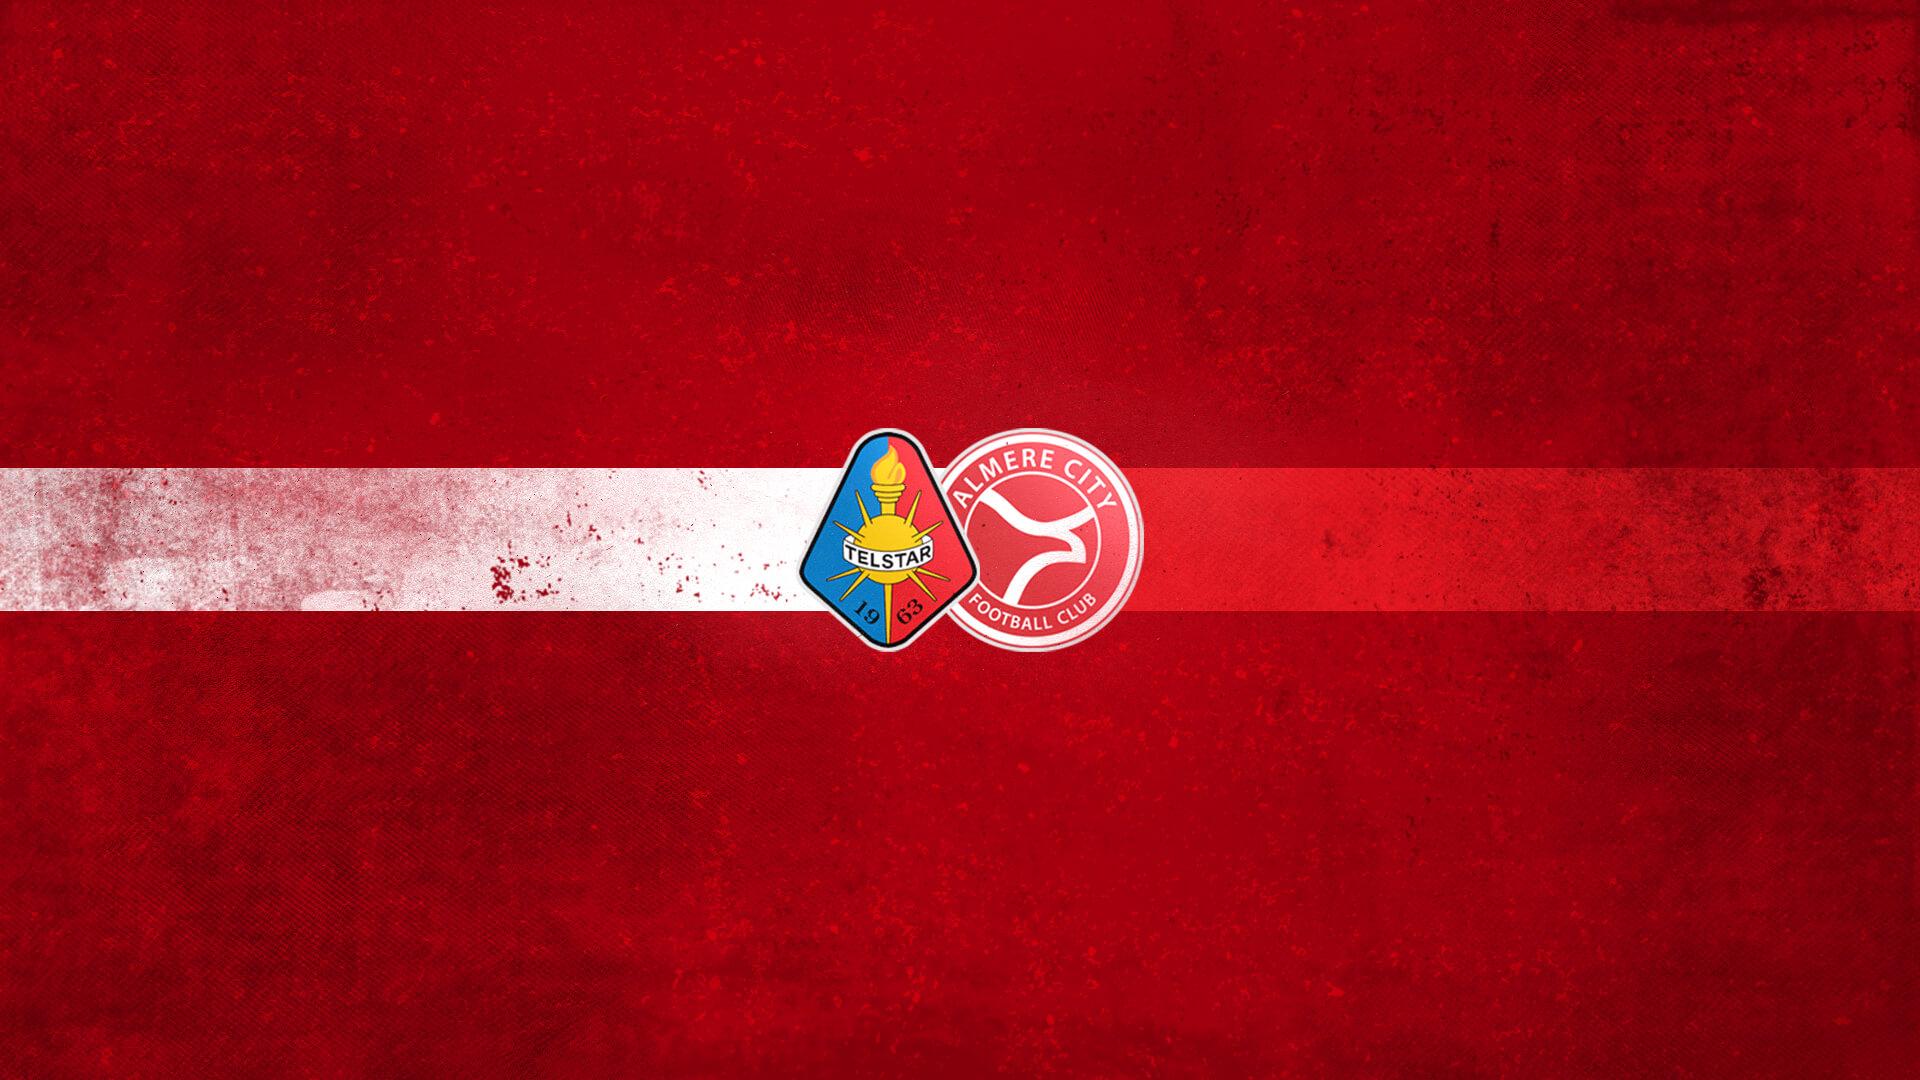 Voorbeschouwing: Almere City FC moet winnen om aansluiting met top te houden